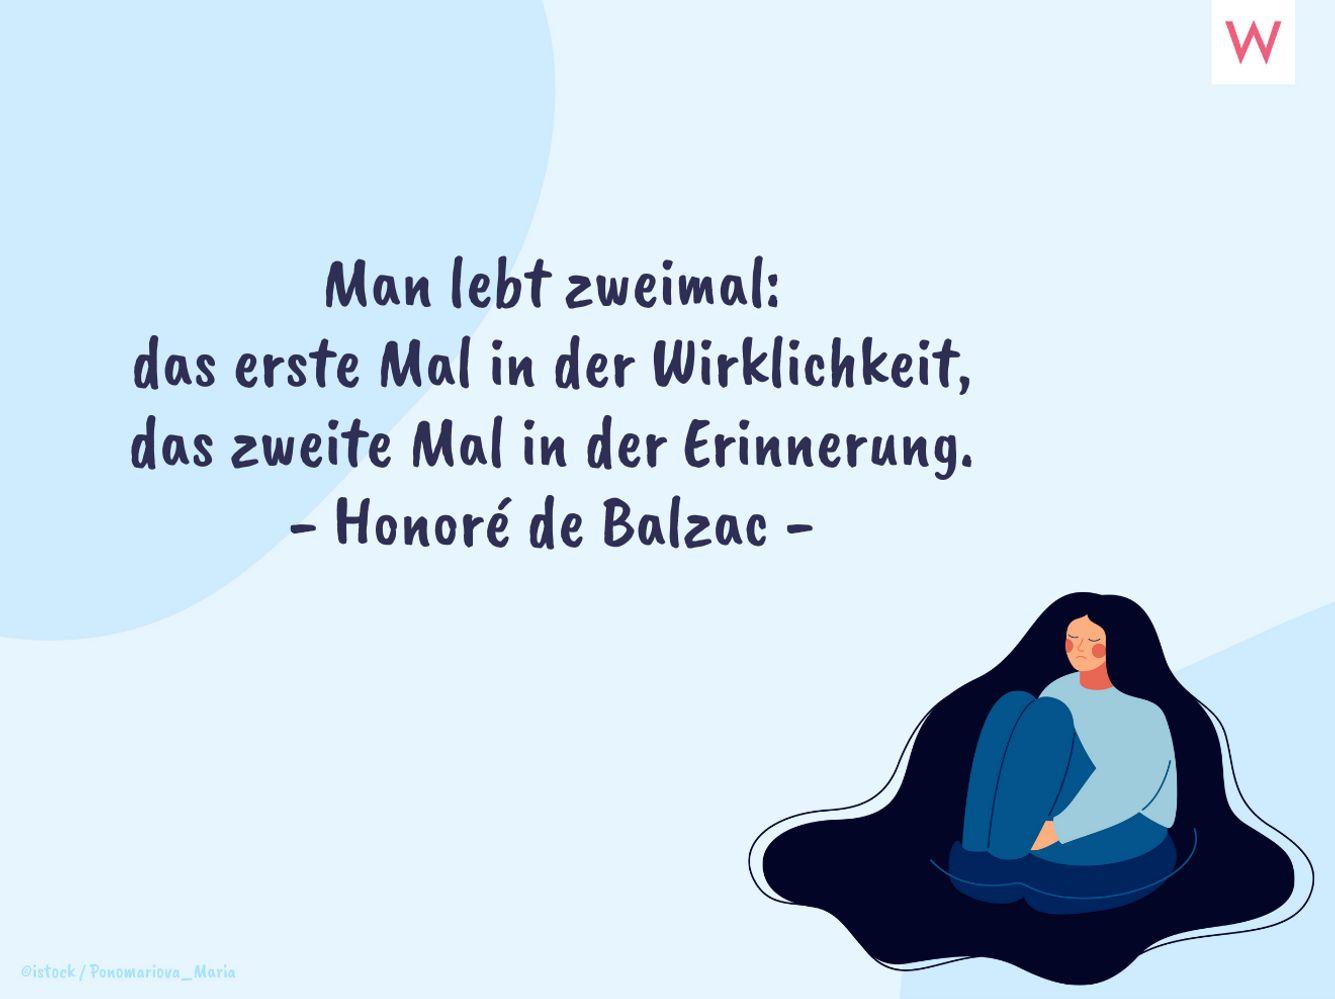 Man lebt zweimal: das erste Mal in der Wirklichkeit, das zweite Mal in der Erinnerung. - Honoré de Balzac